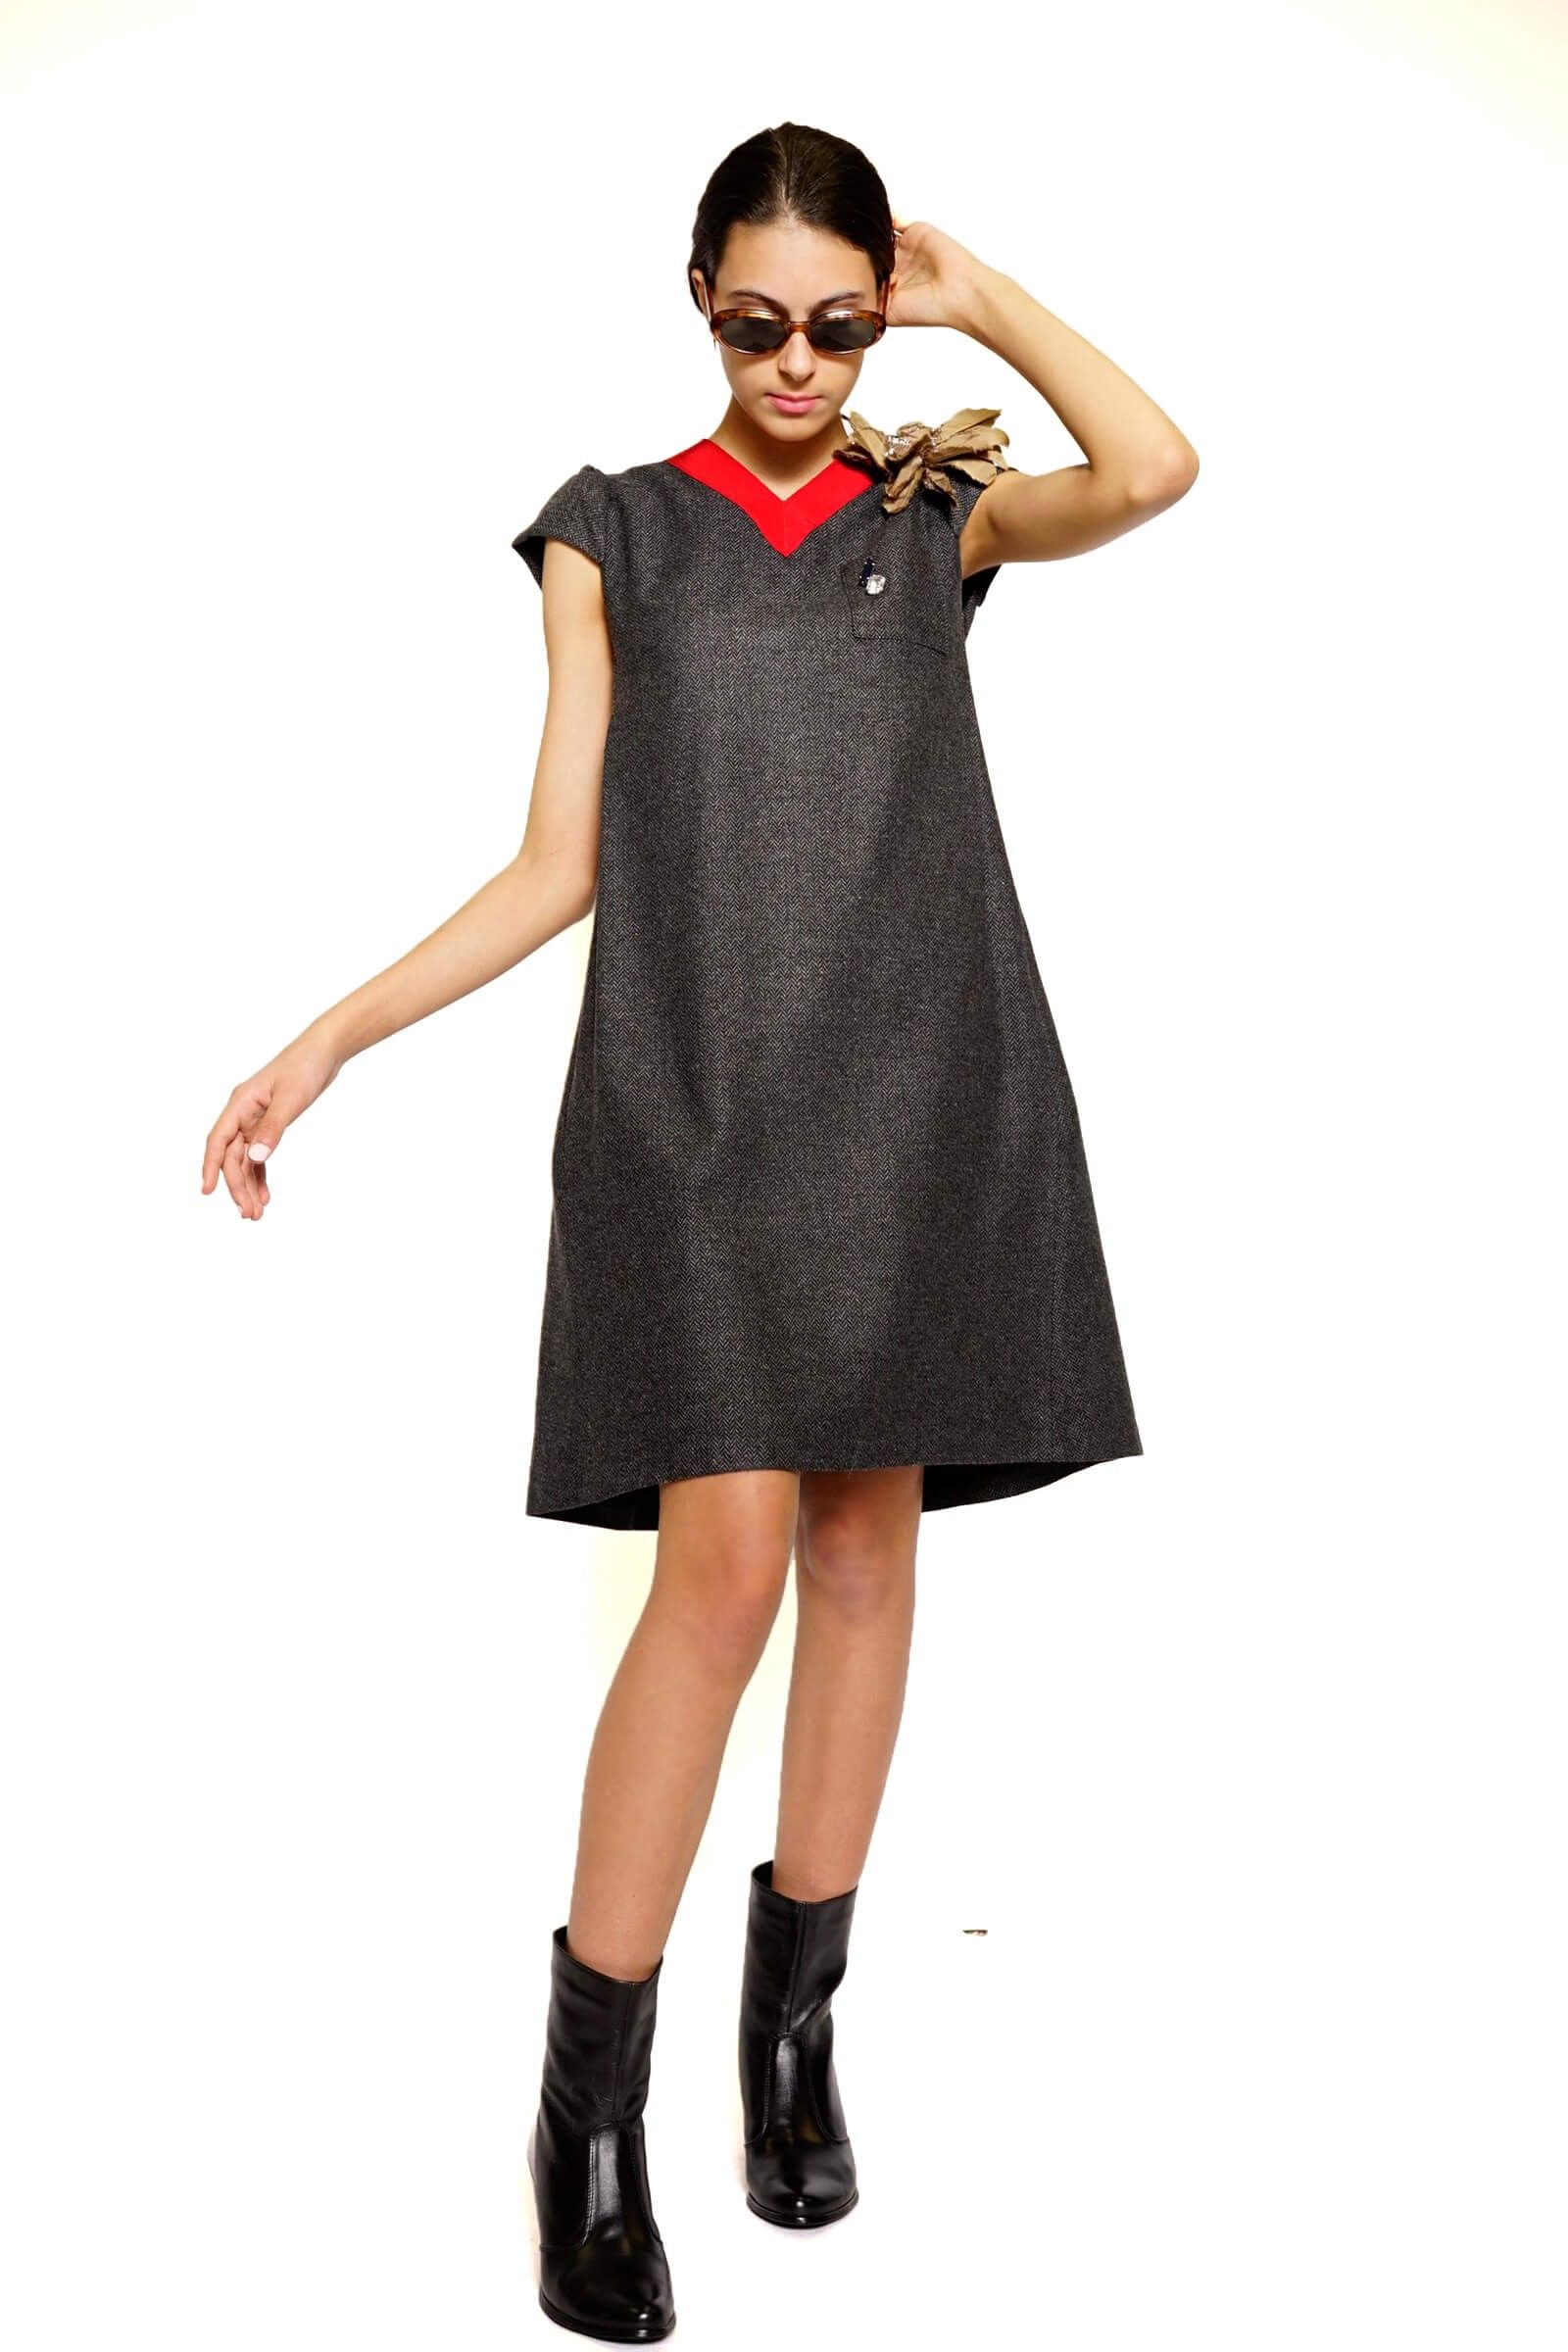 Flared dress made of fir...